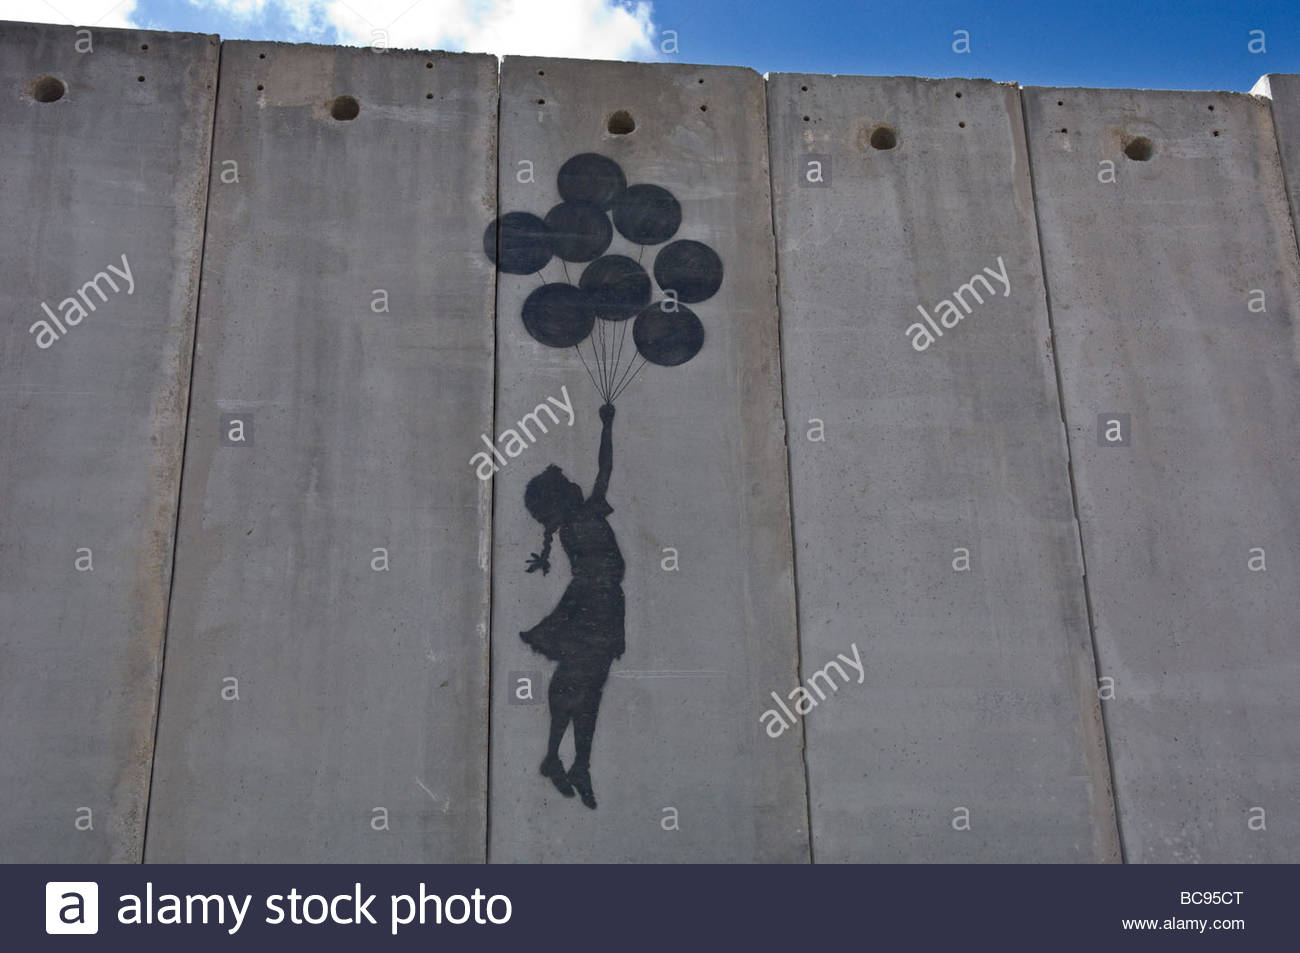 Ein Gemälde an die israelische Mauer der Trennung in Ost-Jerusalem in der Nähe der Grenze mit Ramallah. Stockbild